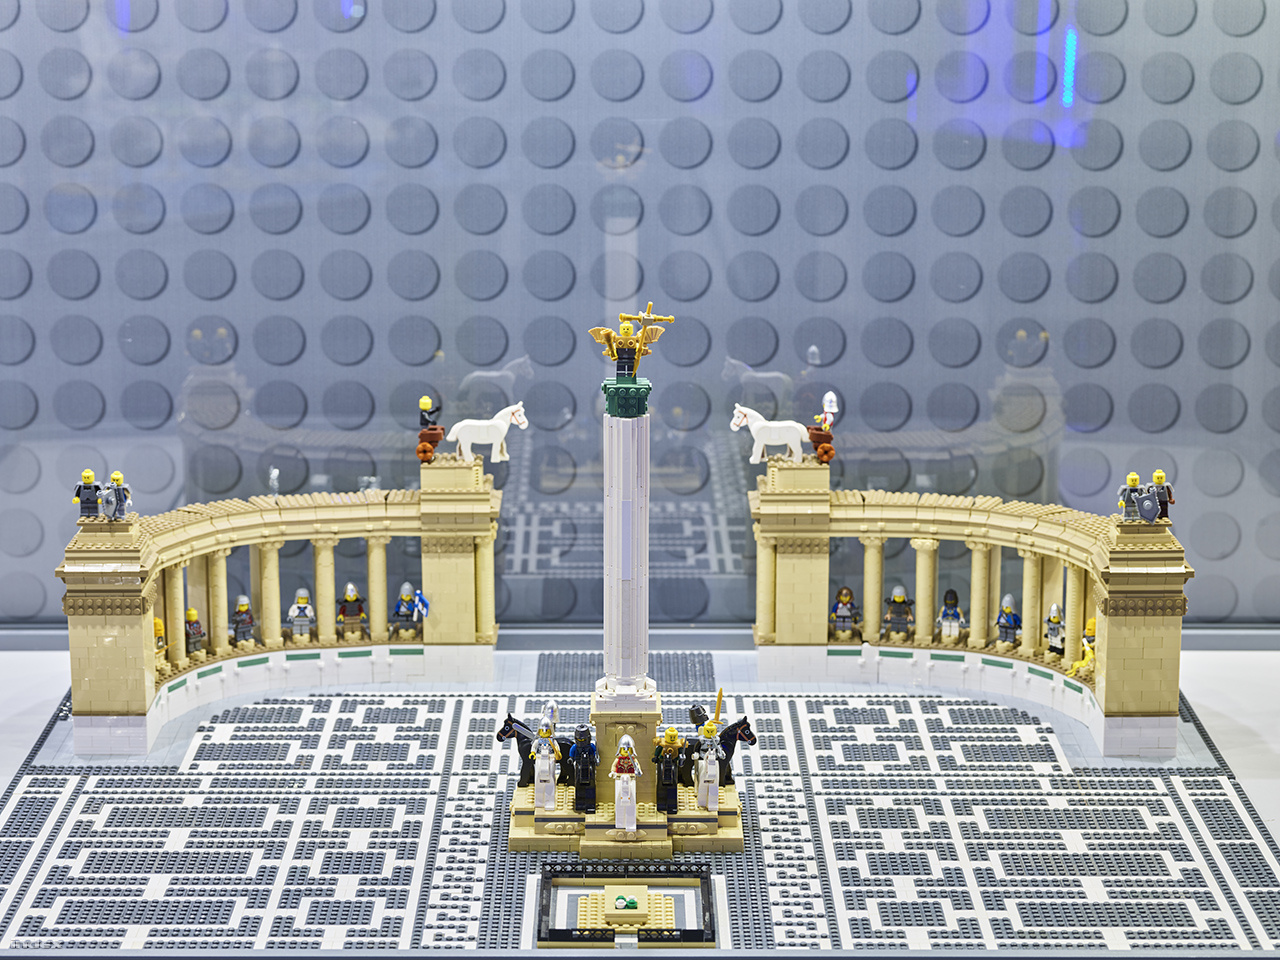 Budapest építészeti szimbólumai, nevezetességei közül a Parlament és a Hősök Tere látható a kiállításon.